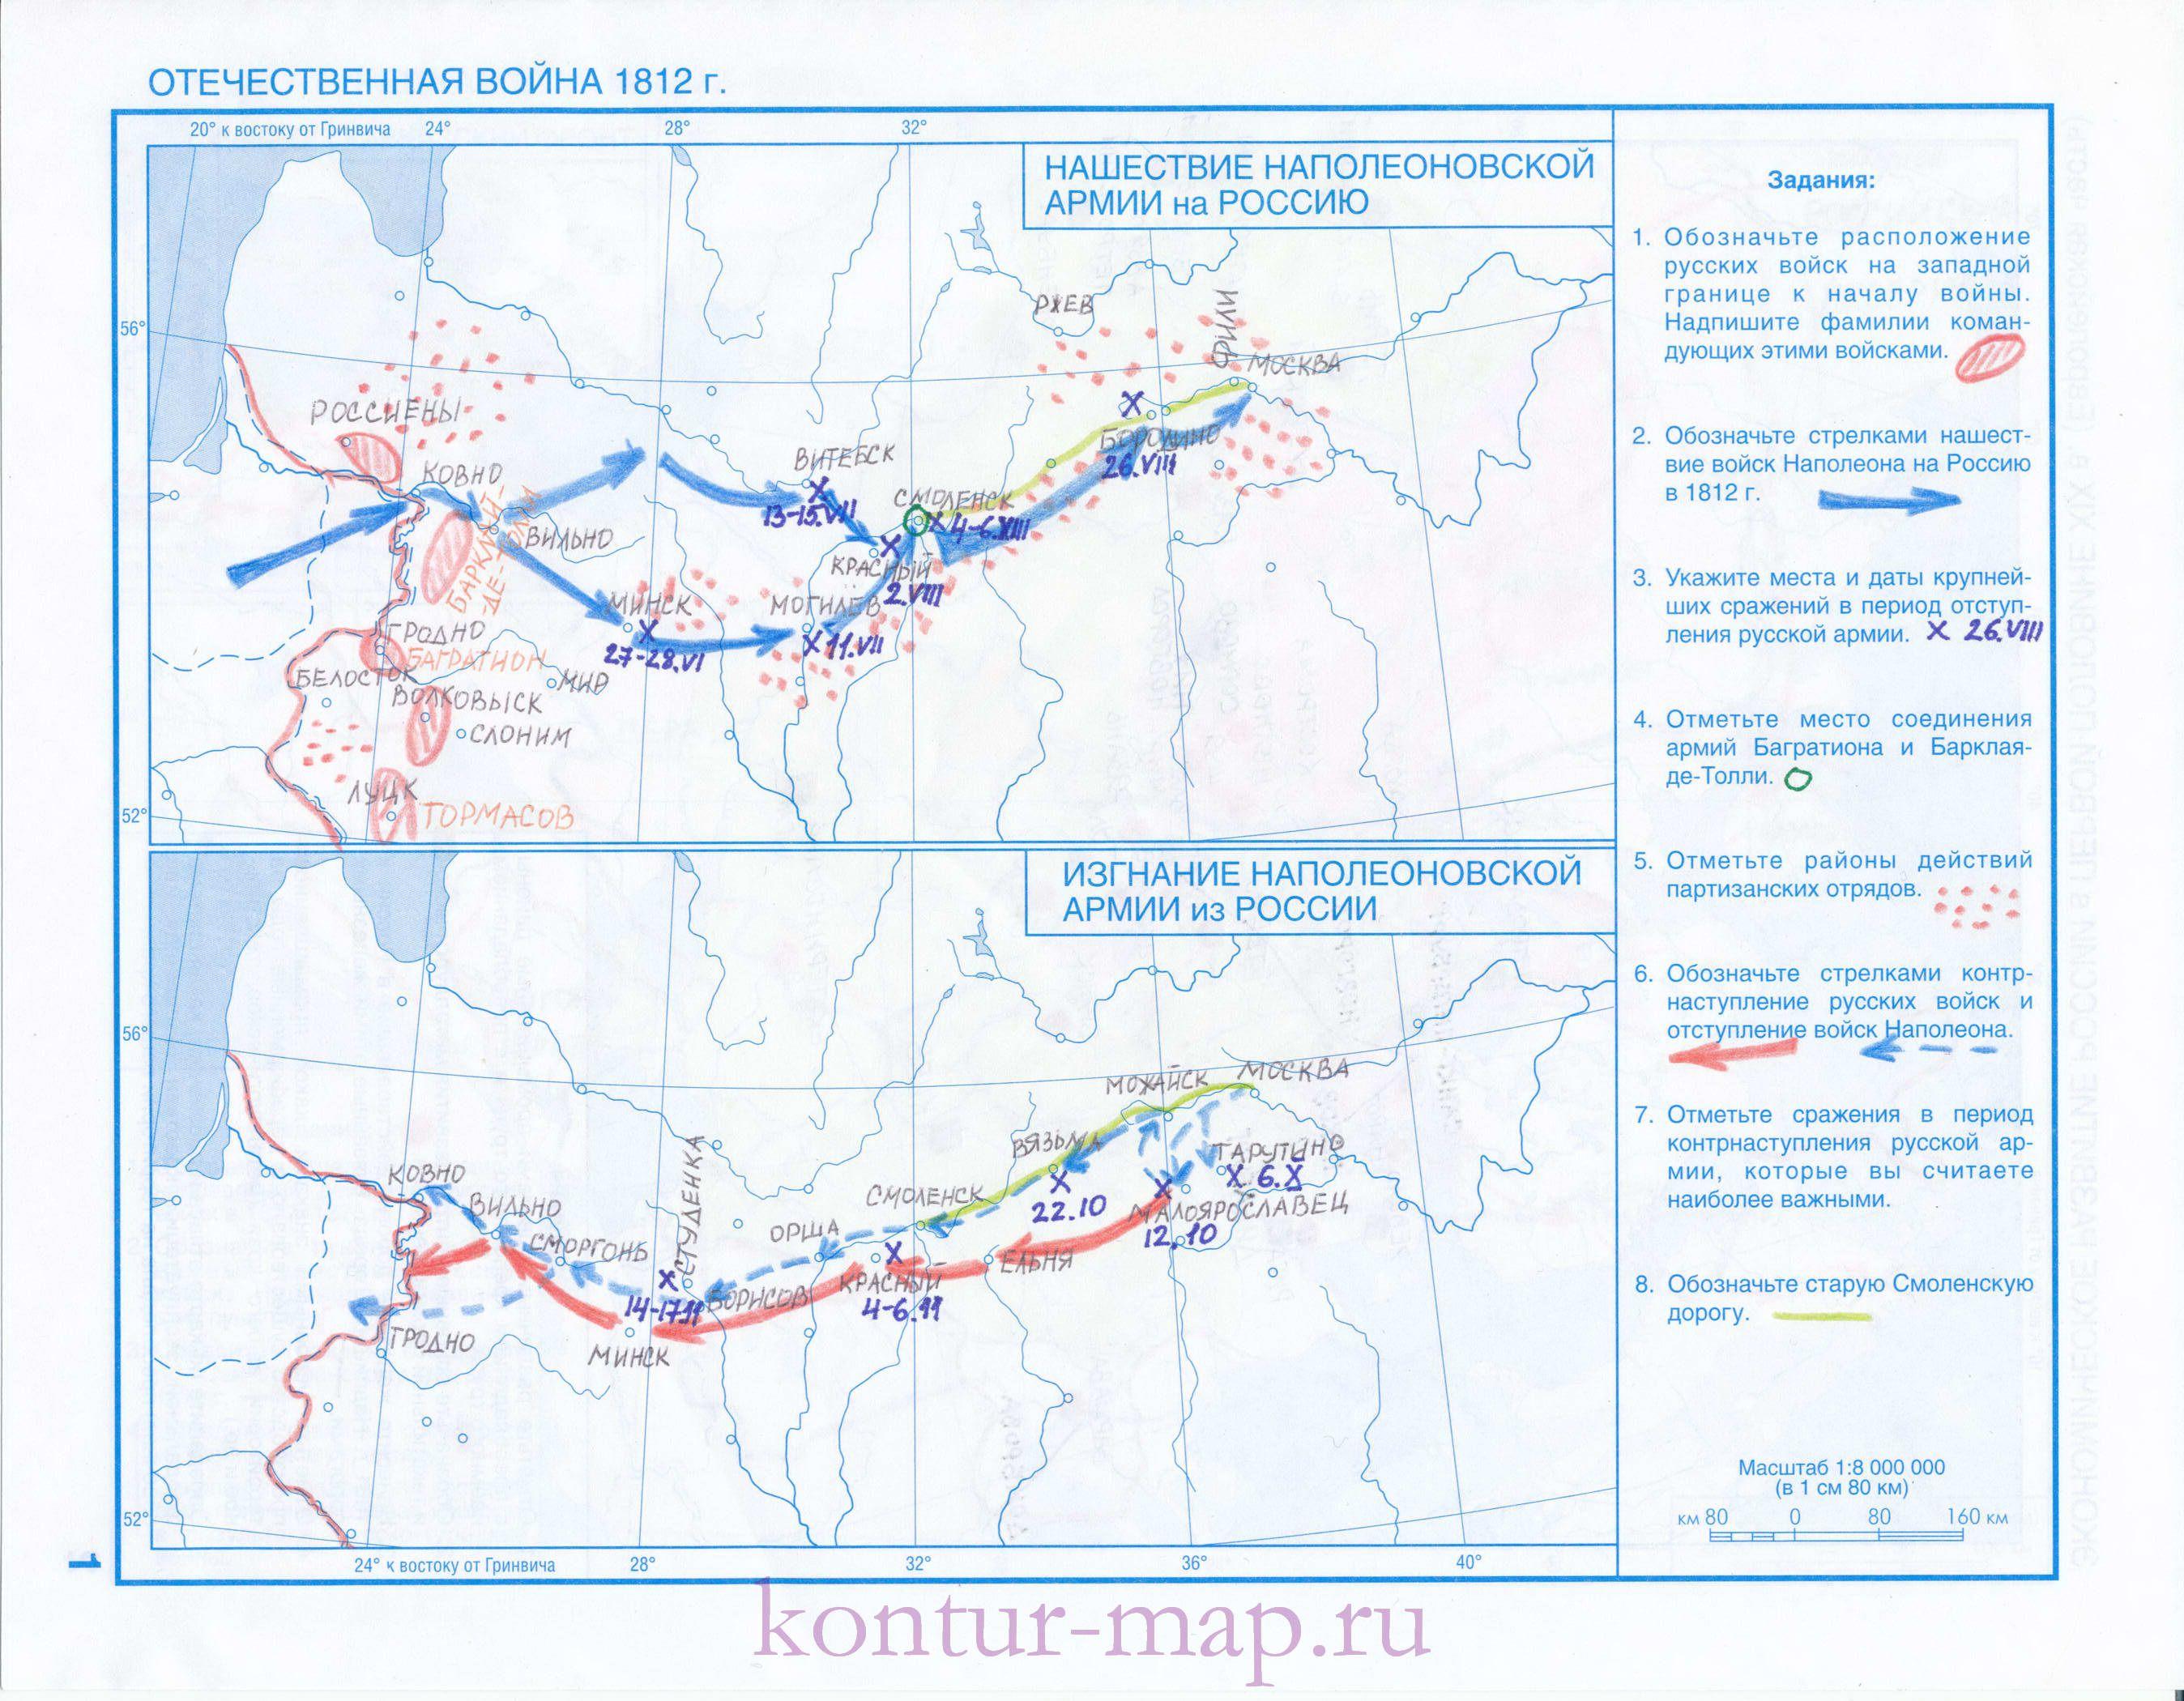 Гдз по географии 10 класс контурные карты издание экзамен